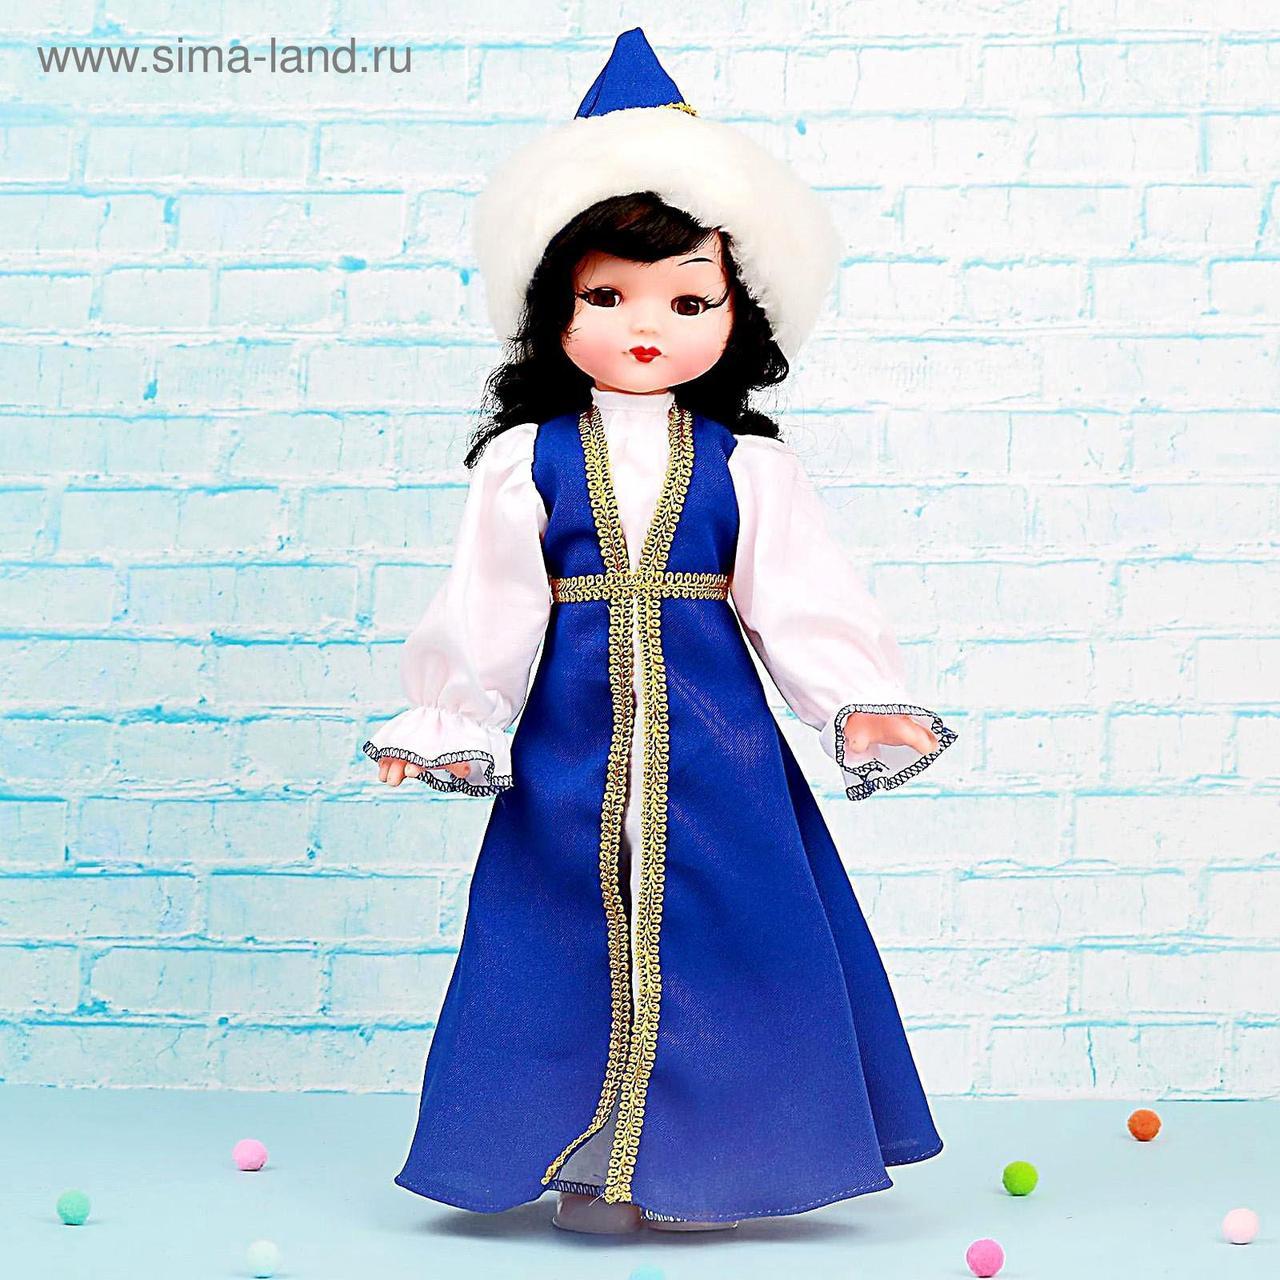 Кукла «Казашка», 45 см, цвета МИКС - фото 1